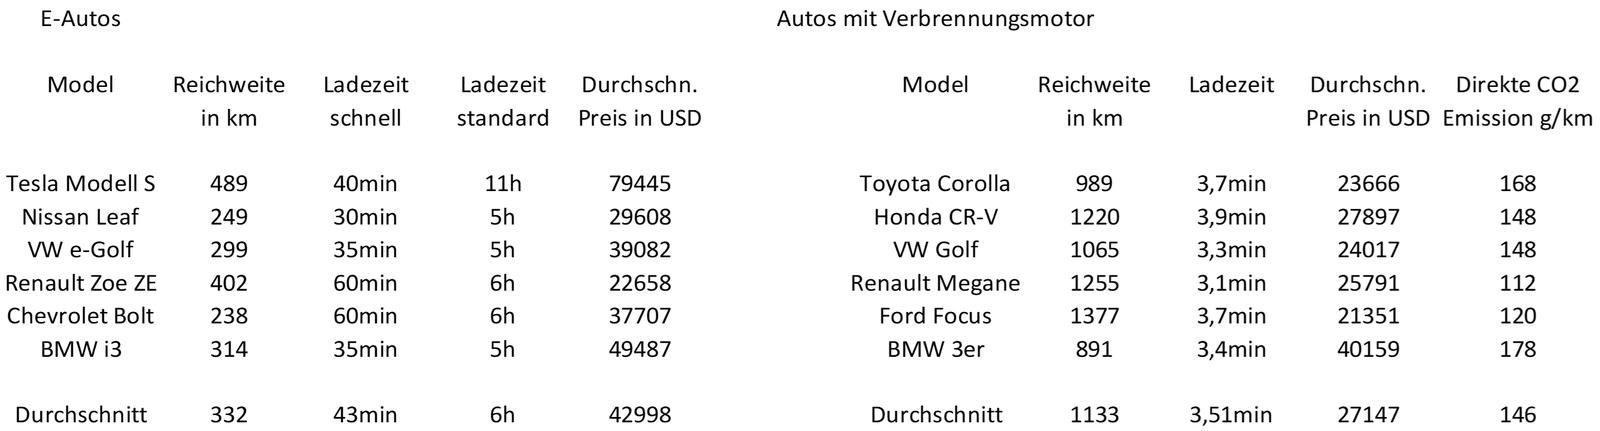 Aumann AG - eine ausführliche Unternehmensanalyse: Vergleich der Kosten für ein Auto mit Verbrennungsmotor und Elektromotor | LYNX Online Broker